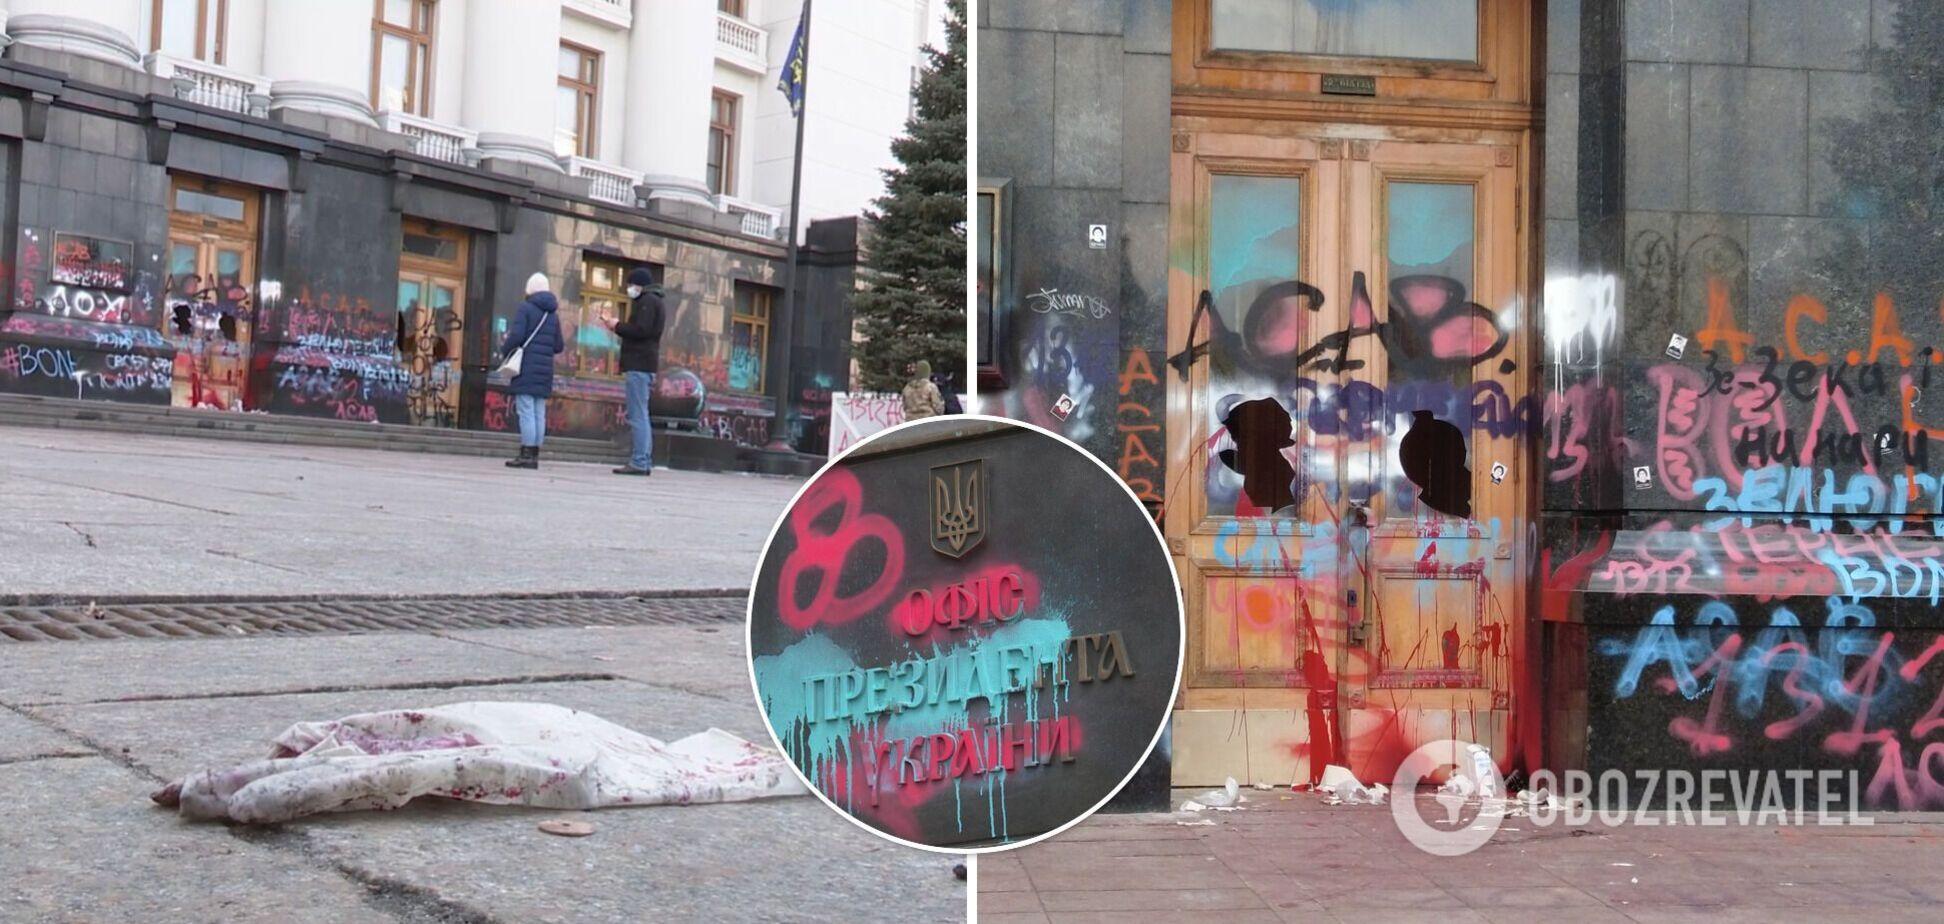 У Зеленського в 2 млн грн оцінили збитки для будівлі ОПУ після погромів. Відео